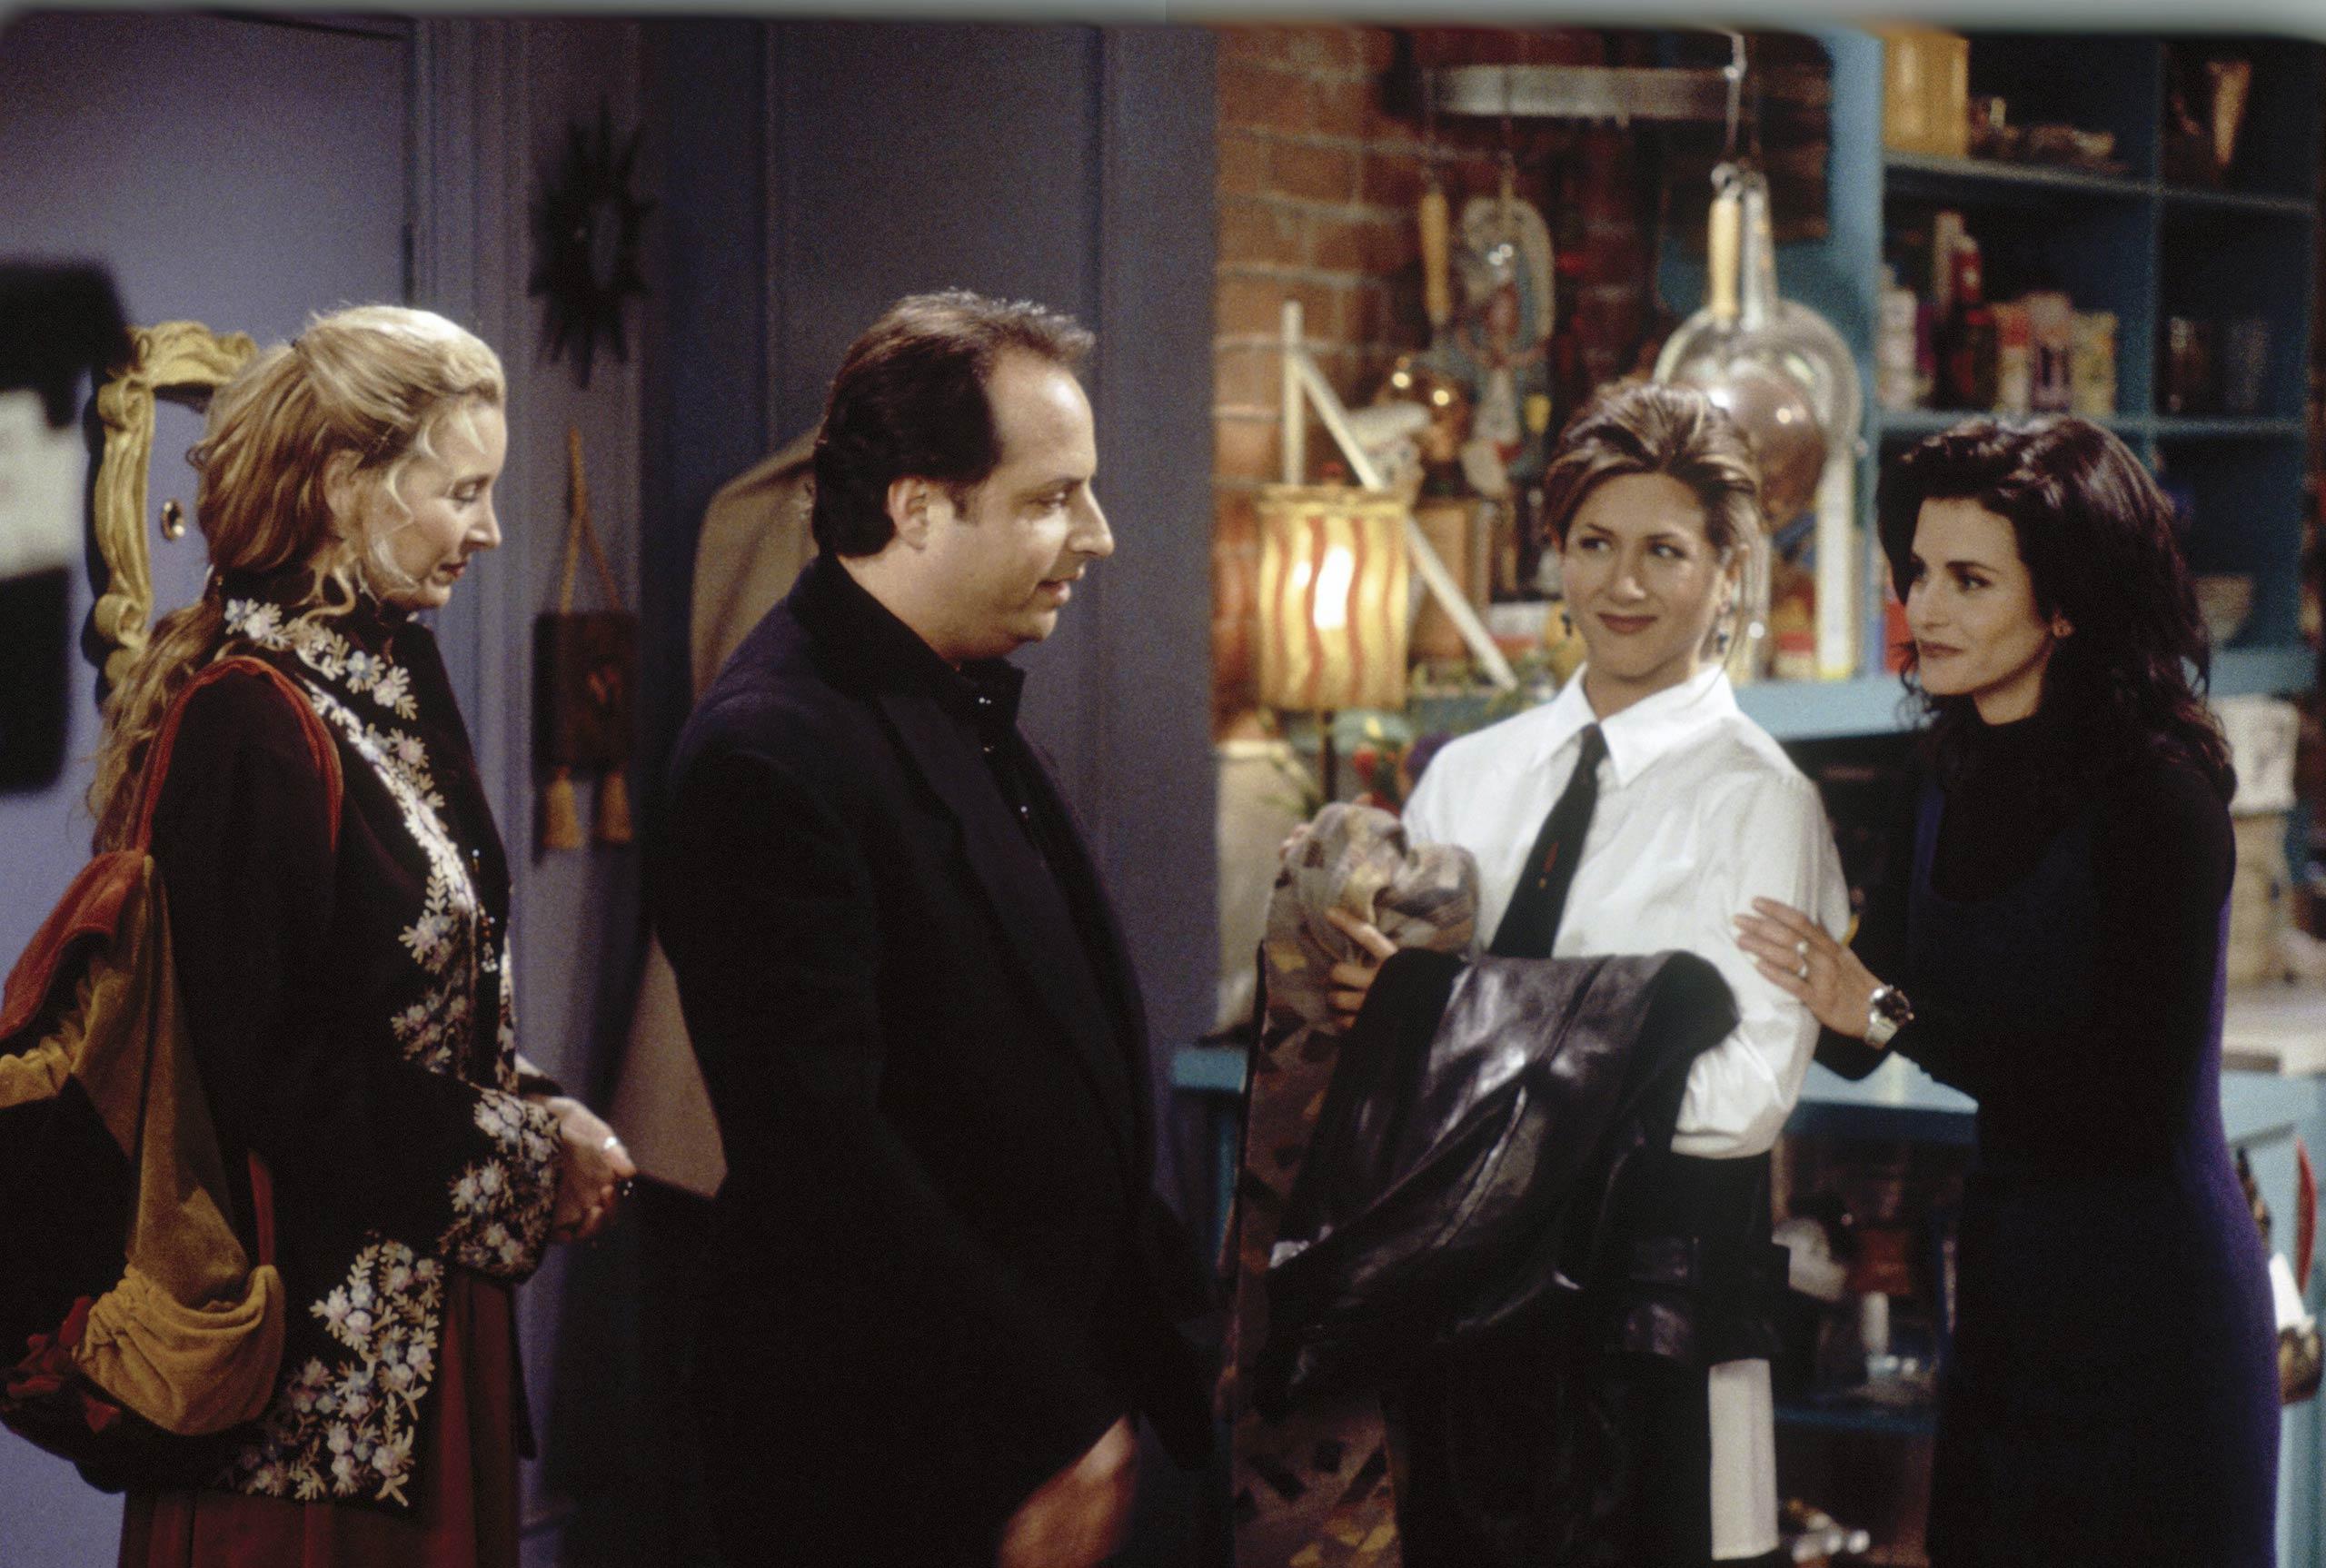 <strong>Jon Lovitz</strong> – Jon Lovitz guest-starred as a restauranteur in season one and a blind date for Rachel in season 9